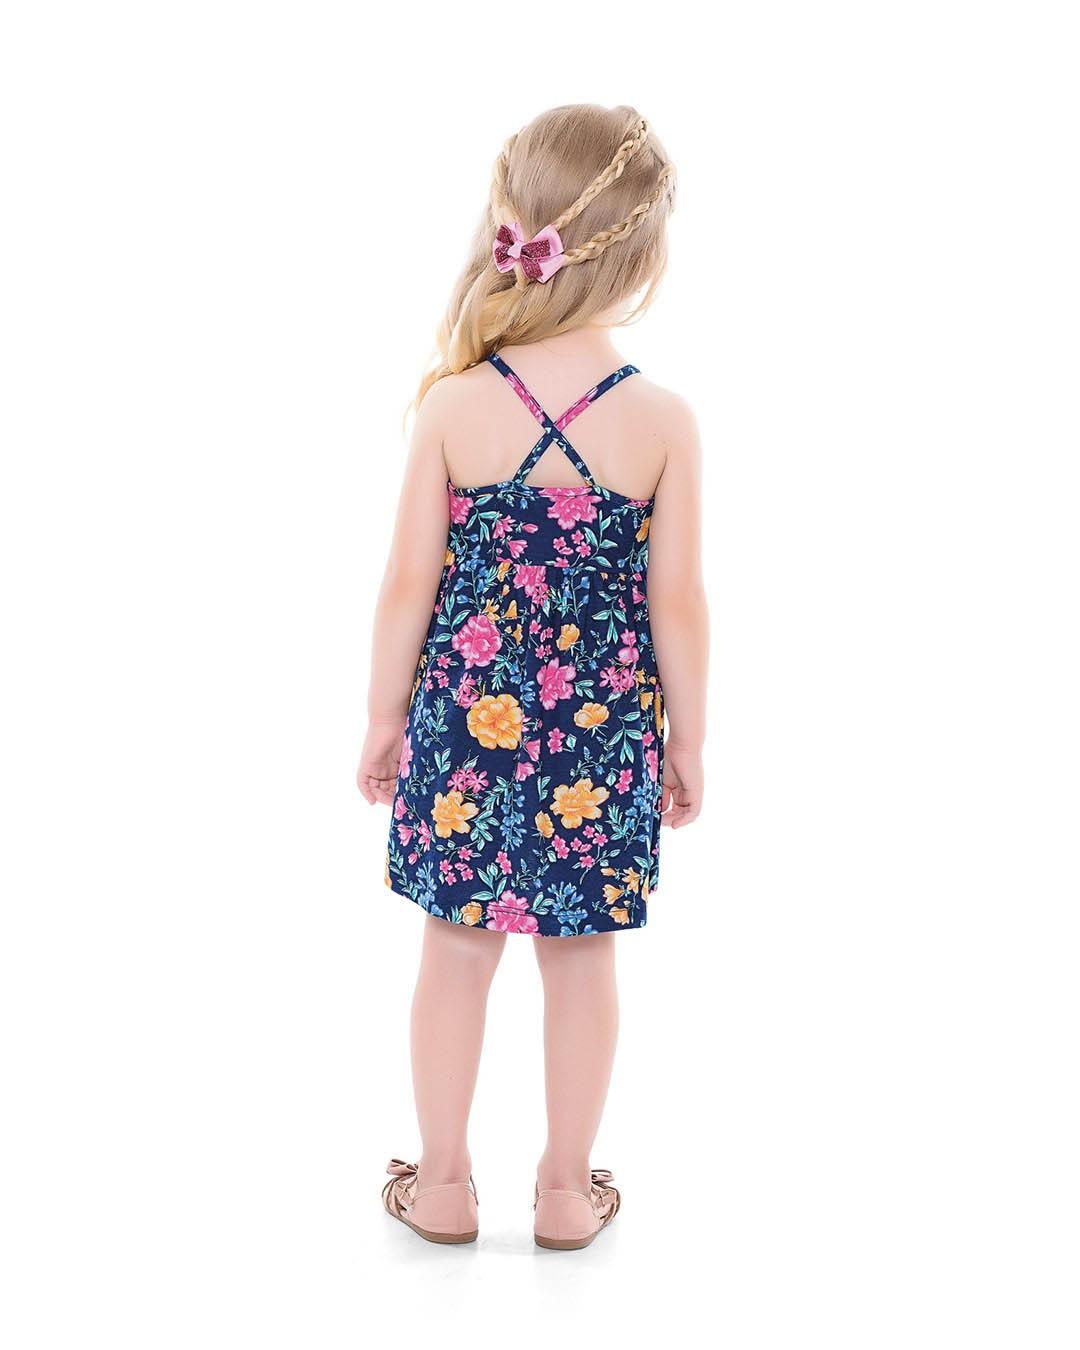 Vestido infantil Flores Marinho - For Fun